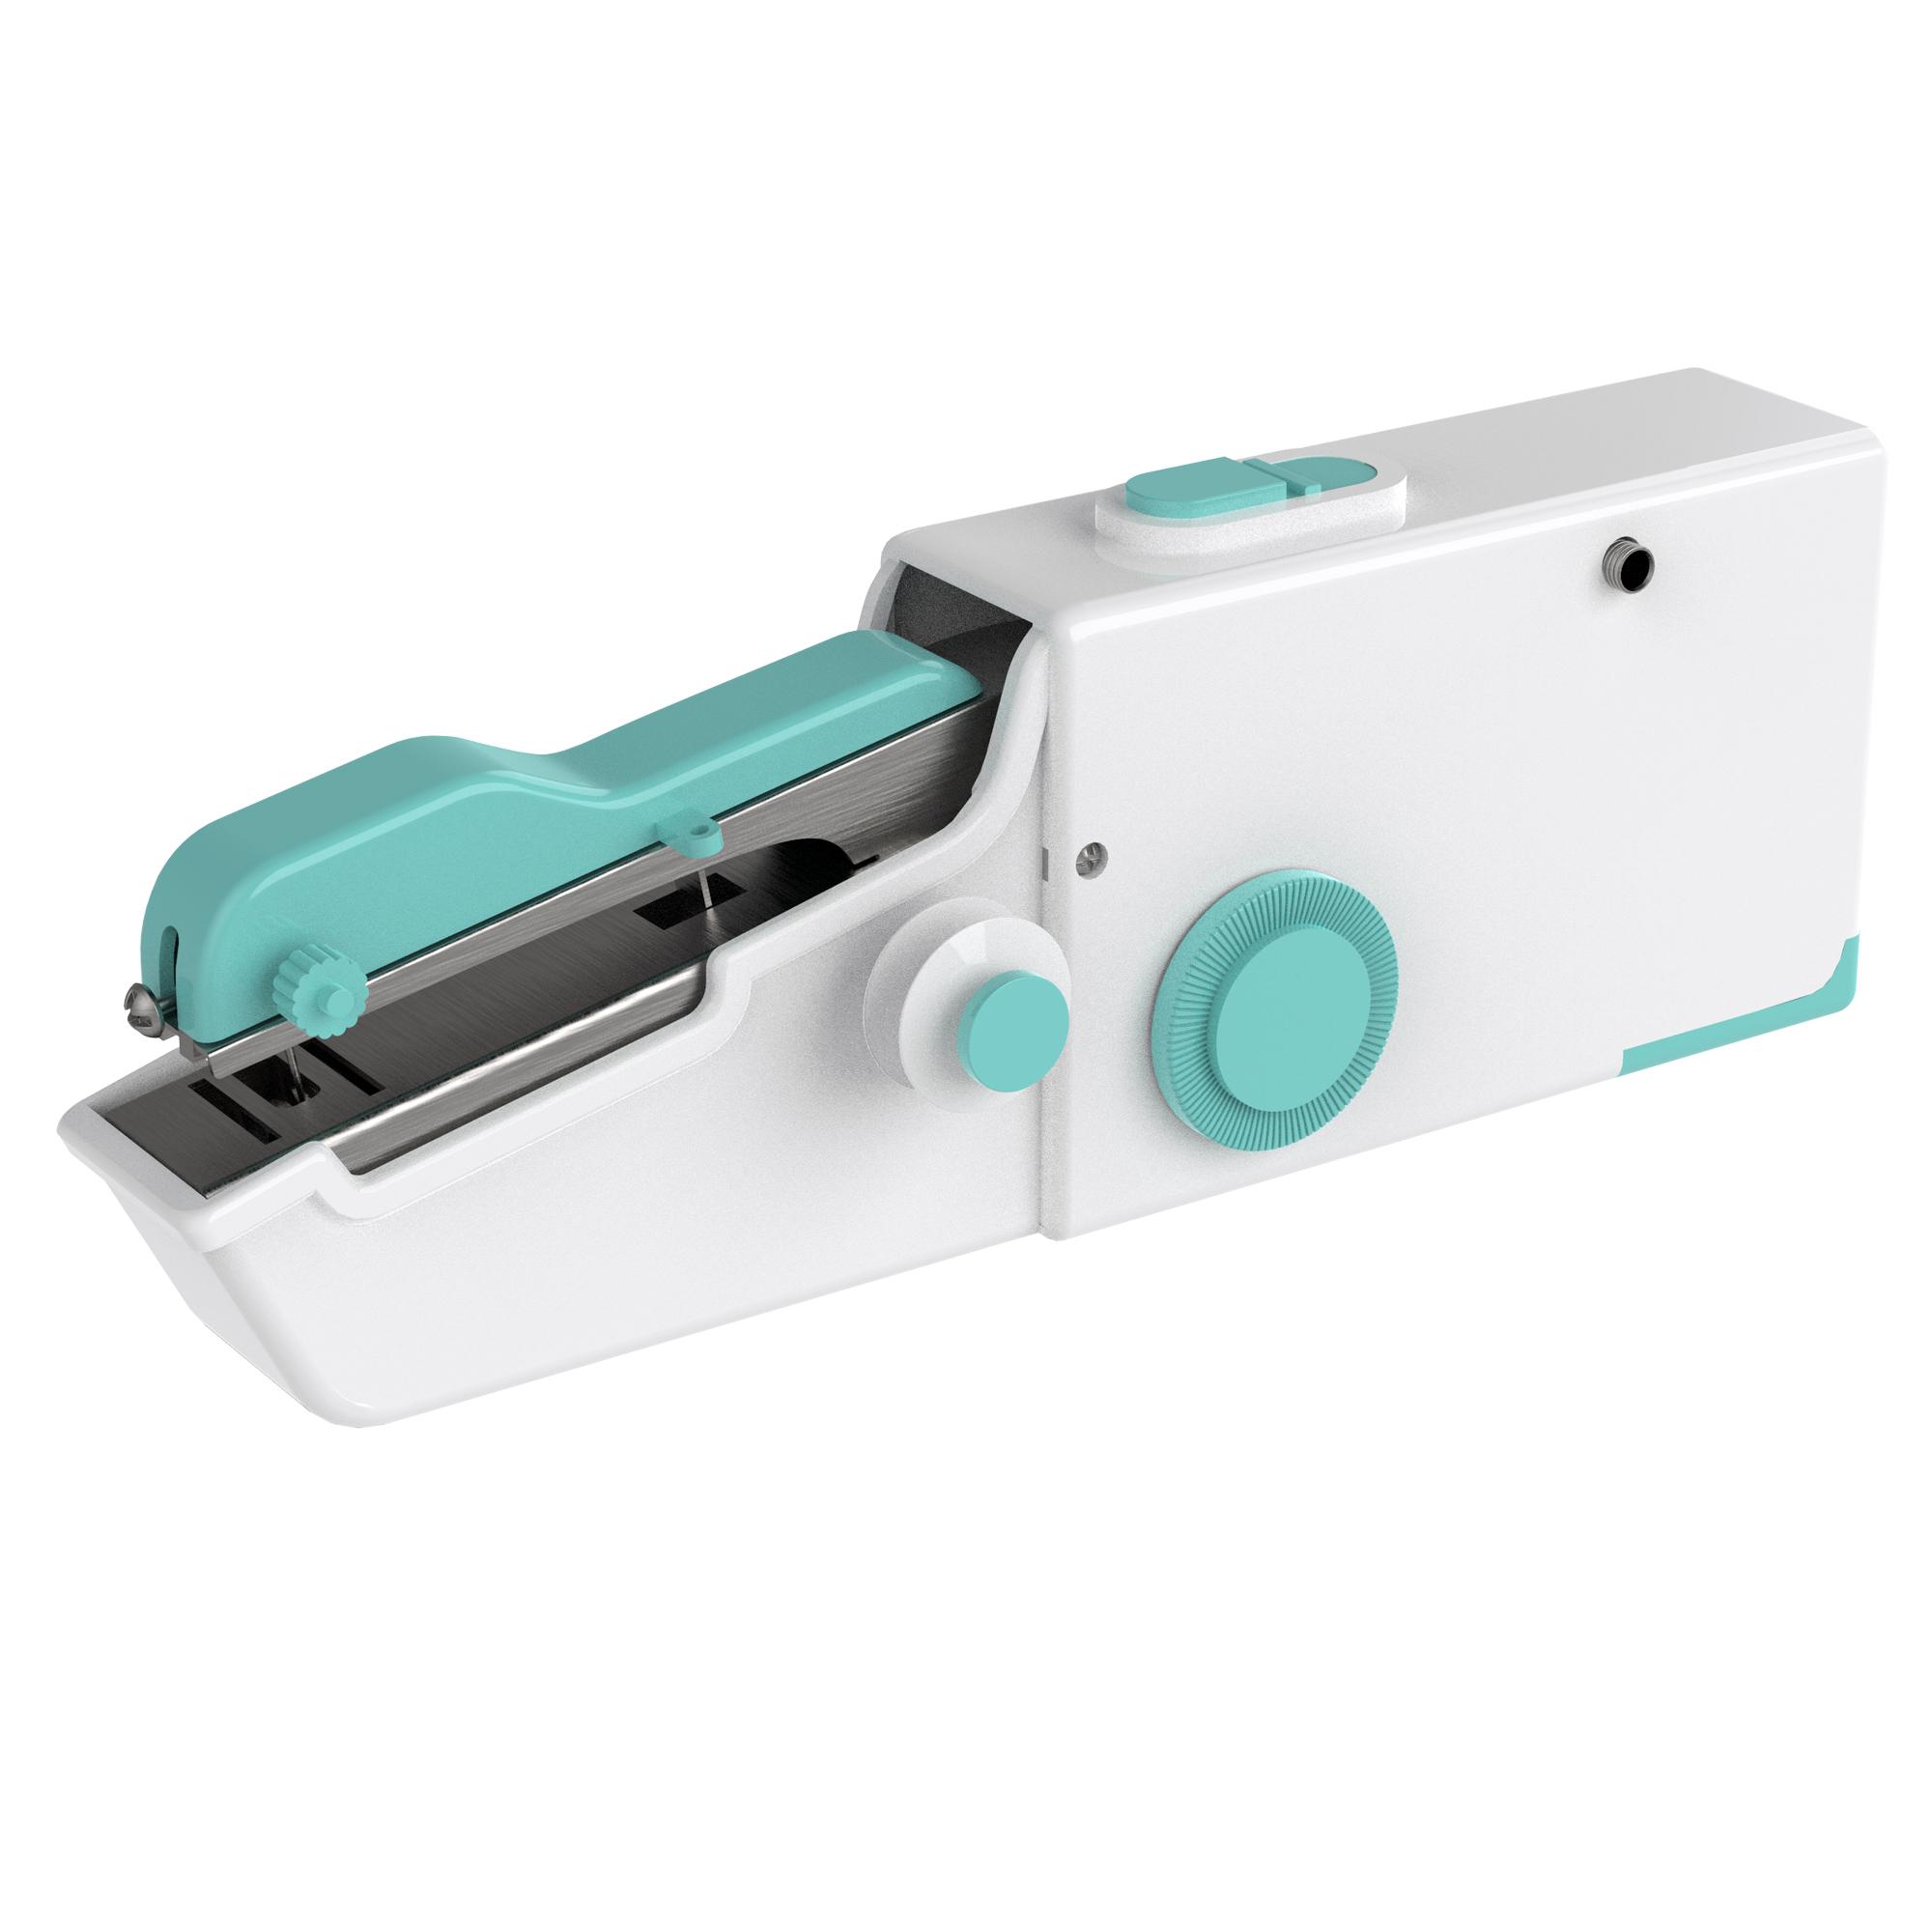 Cenocco CC-9073: Machine à Coudre à Main Easy Stitch Turquoise